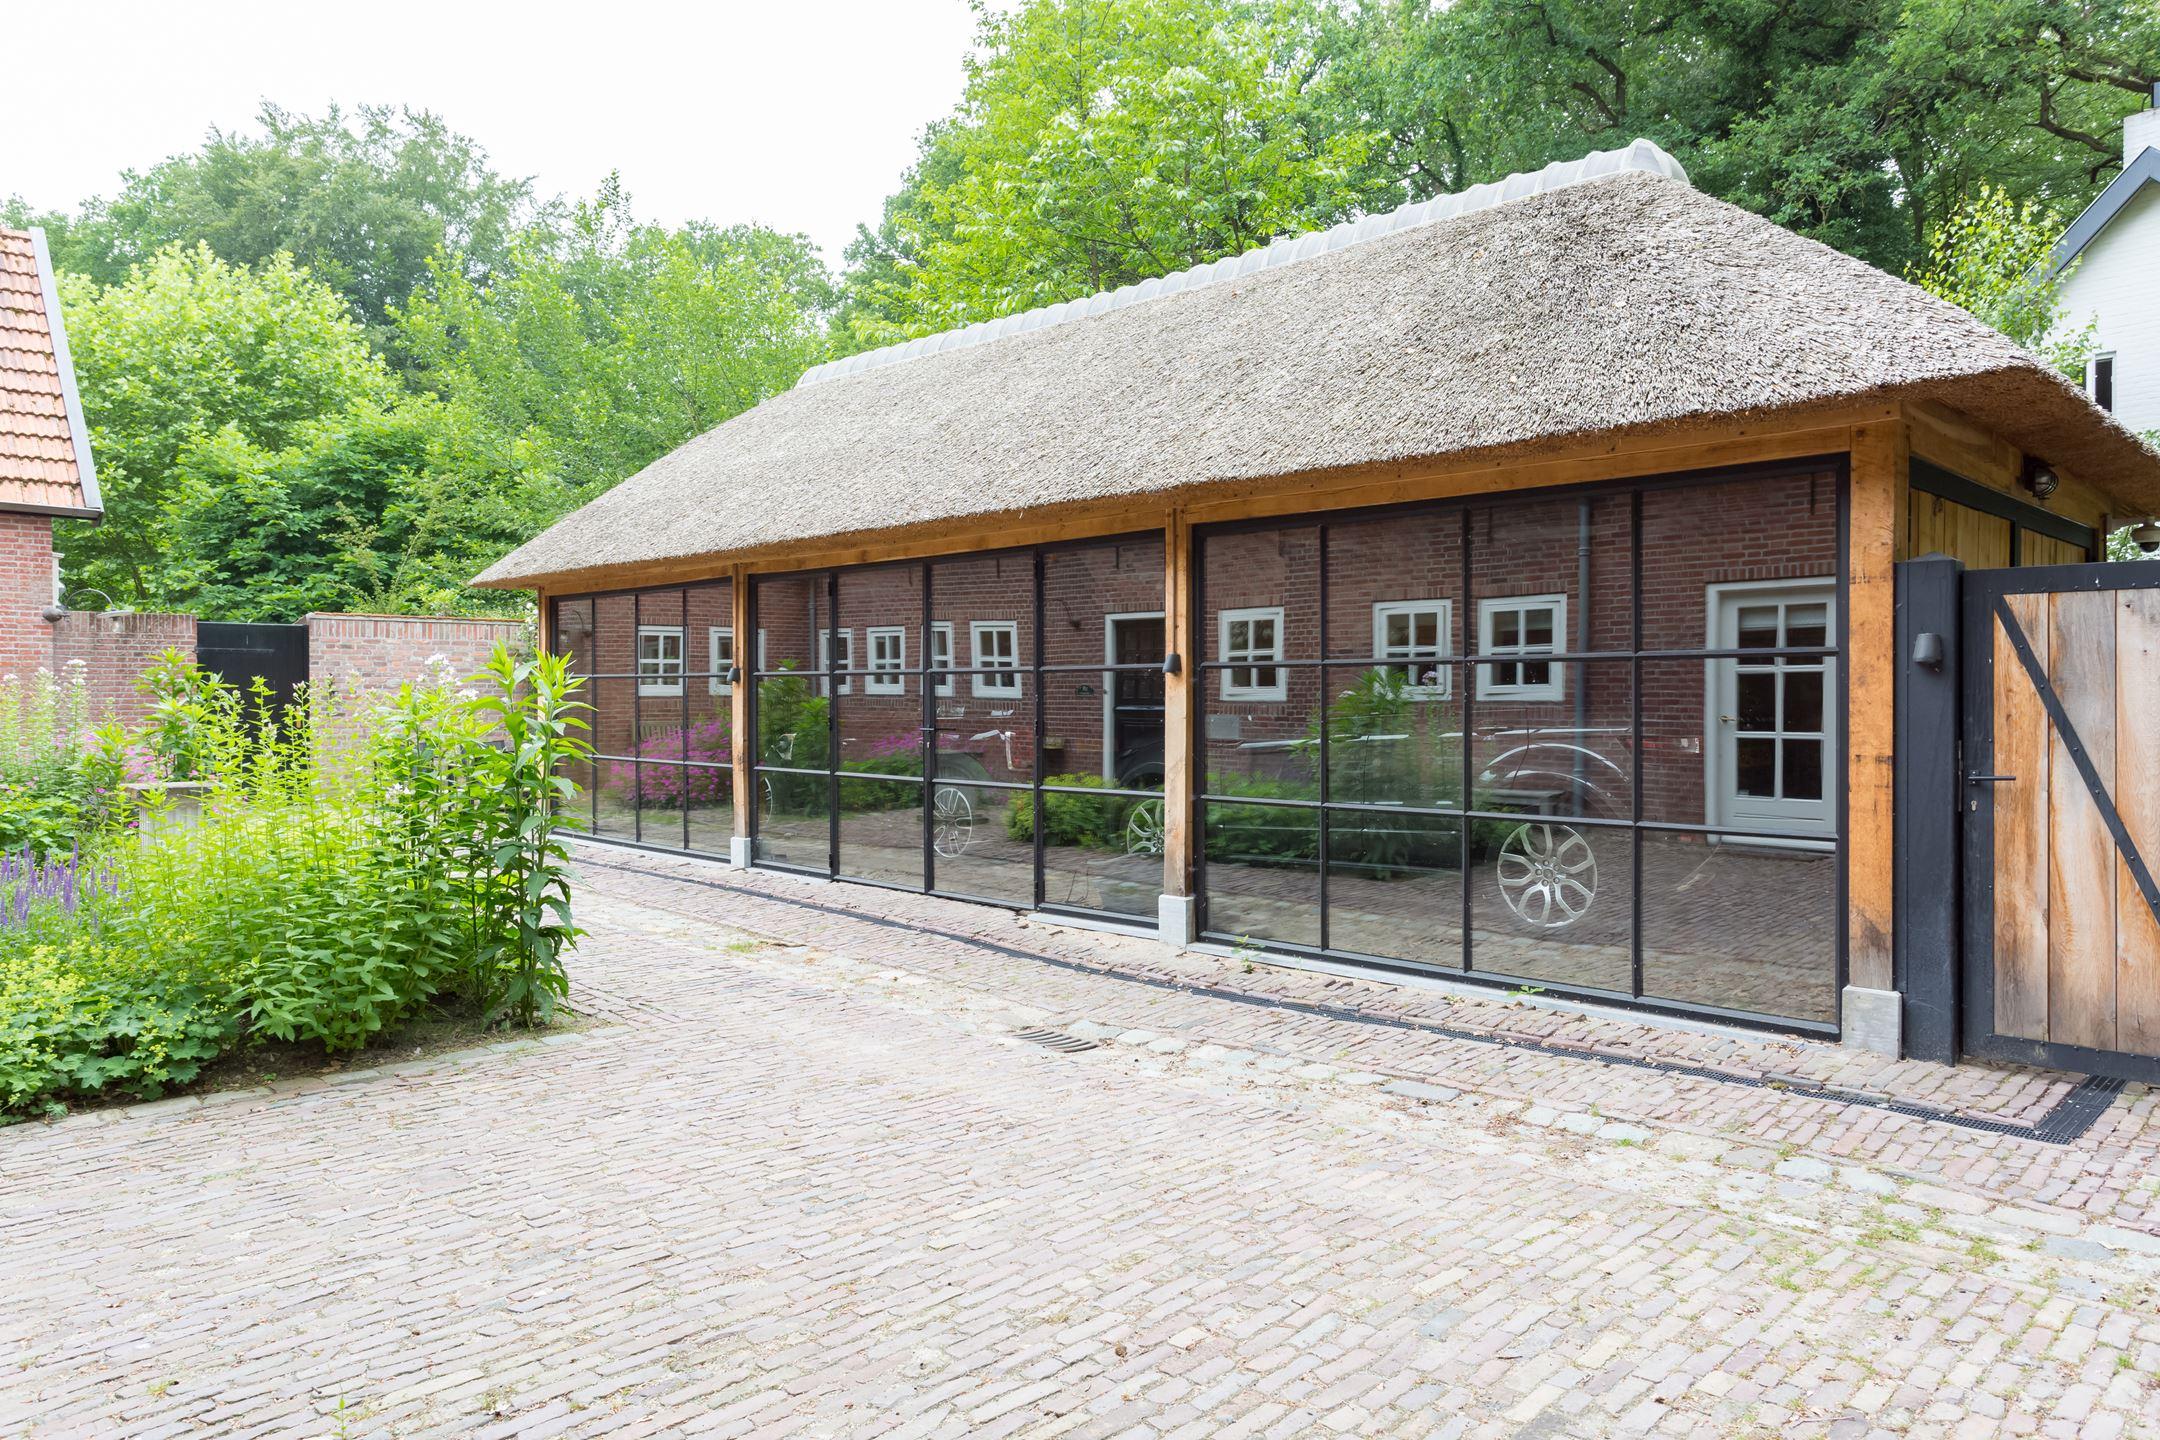 Deze woonboerderij met glazen garage staat gewoon te koop in Nederland